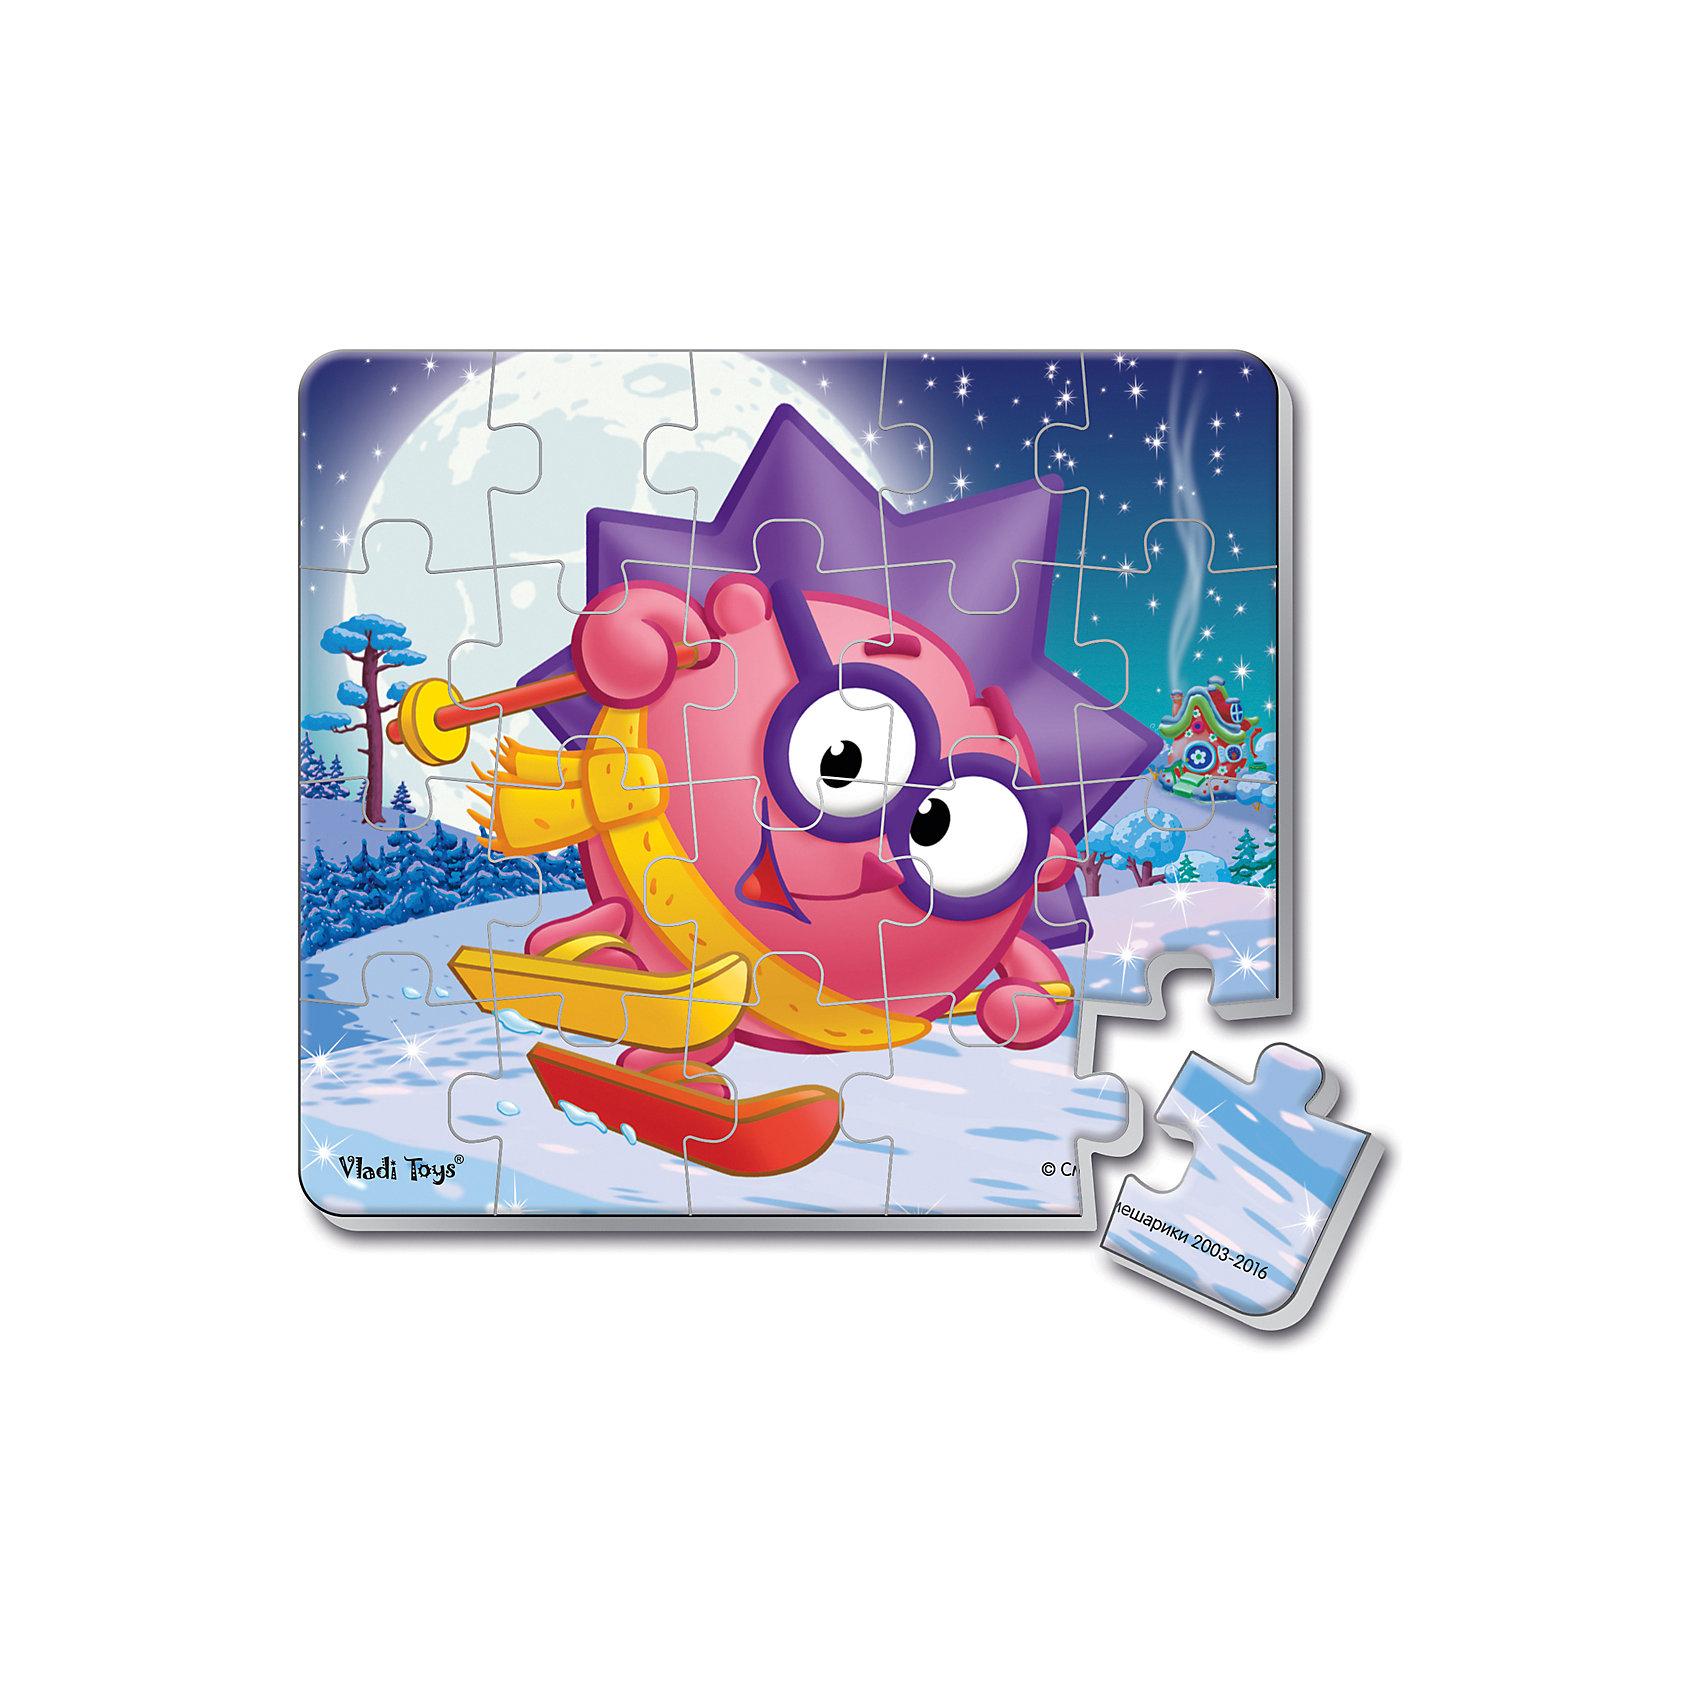 Мягкие магнитные пазлы в стакане Ежик, Смешарики, Vladi ToysХарактеристики:<br><br>• Вид игр: развивающие<br>• Серия: пазлы-магниты<br>• Пол: универсальный<br>• Материал: полимер, пластик, магнит<br>• Цвет: розовый, сиреневый, синий, белый и др.<br>• Комплектация: 1 пазл из 20-ти элементов, магнит<br>• Размеры (Д*Ш*В): 7,5*7,5*11 см<br>• Тип упаковки: пластиковый стакан <br>• Вес: 37 г<br><br>Мягкие магнитные пазлы в стакане Ежик, Смешарики, Vladi Toys, производителем которых является компания, специализирующаяся на выпуске развивающих игр, давно уже стали популярными среди аналогичной продукции. Мягкие пазлы – идеальное решение для развивающих занятий с самыми маленькими детьми, так как они разделены на большие элементы с крупными изображениями, чаще всего в качестве картинок используются герои популярных мультсериалов. Самое важное в пазле для малышей – это минимум деталей и безопасность элементов. Все используемые в производстве материалы являются экологически безопасными, не вызывают аллергии, не имеют запаха. Мягкие магнитные пазлы в стакане Ежик, Смешарики, Vladi Toys представляет собой сюжетную картинку, которая состоит из 20-и магнитных элементов с изображением Ежина на лыжах. <br>Занятия с мягкими пазлами от Vladi Toys способствуют развитию не только мелкой моторики, но и внимательности, усидчивости, терпению при достижении цели. Кроме того, по собранной картинке можно составлять рассказ, что позволит развивать речевые навыки, память и воображение.<br><br>Мягкие магнитные пазлы в стакане Ежик, Смешарики, Vladi Toys можно купить в нашем интернет-магазине.<br><br>Ширина мм: 75<br>Глубина мм: 75<br>Высота мм: 110<br>Вес г: 37<br>Возраст от месяцев: 24<br>Возраст до месяцев: 60<br>Пол: Унисекс<br>Возраст: Детский<br>SKU: 5136096